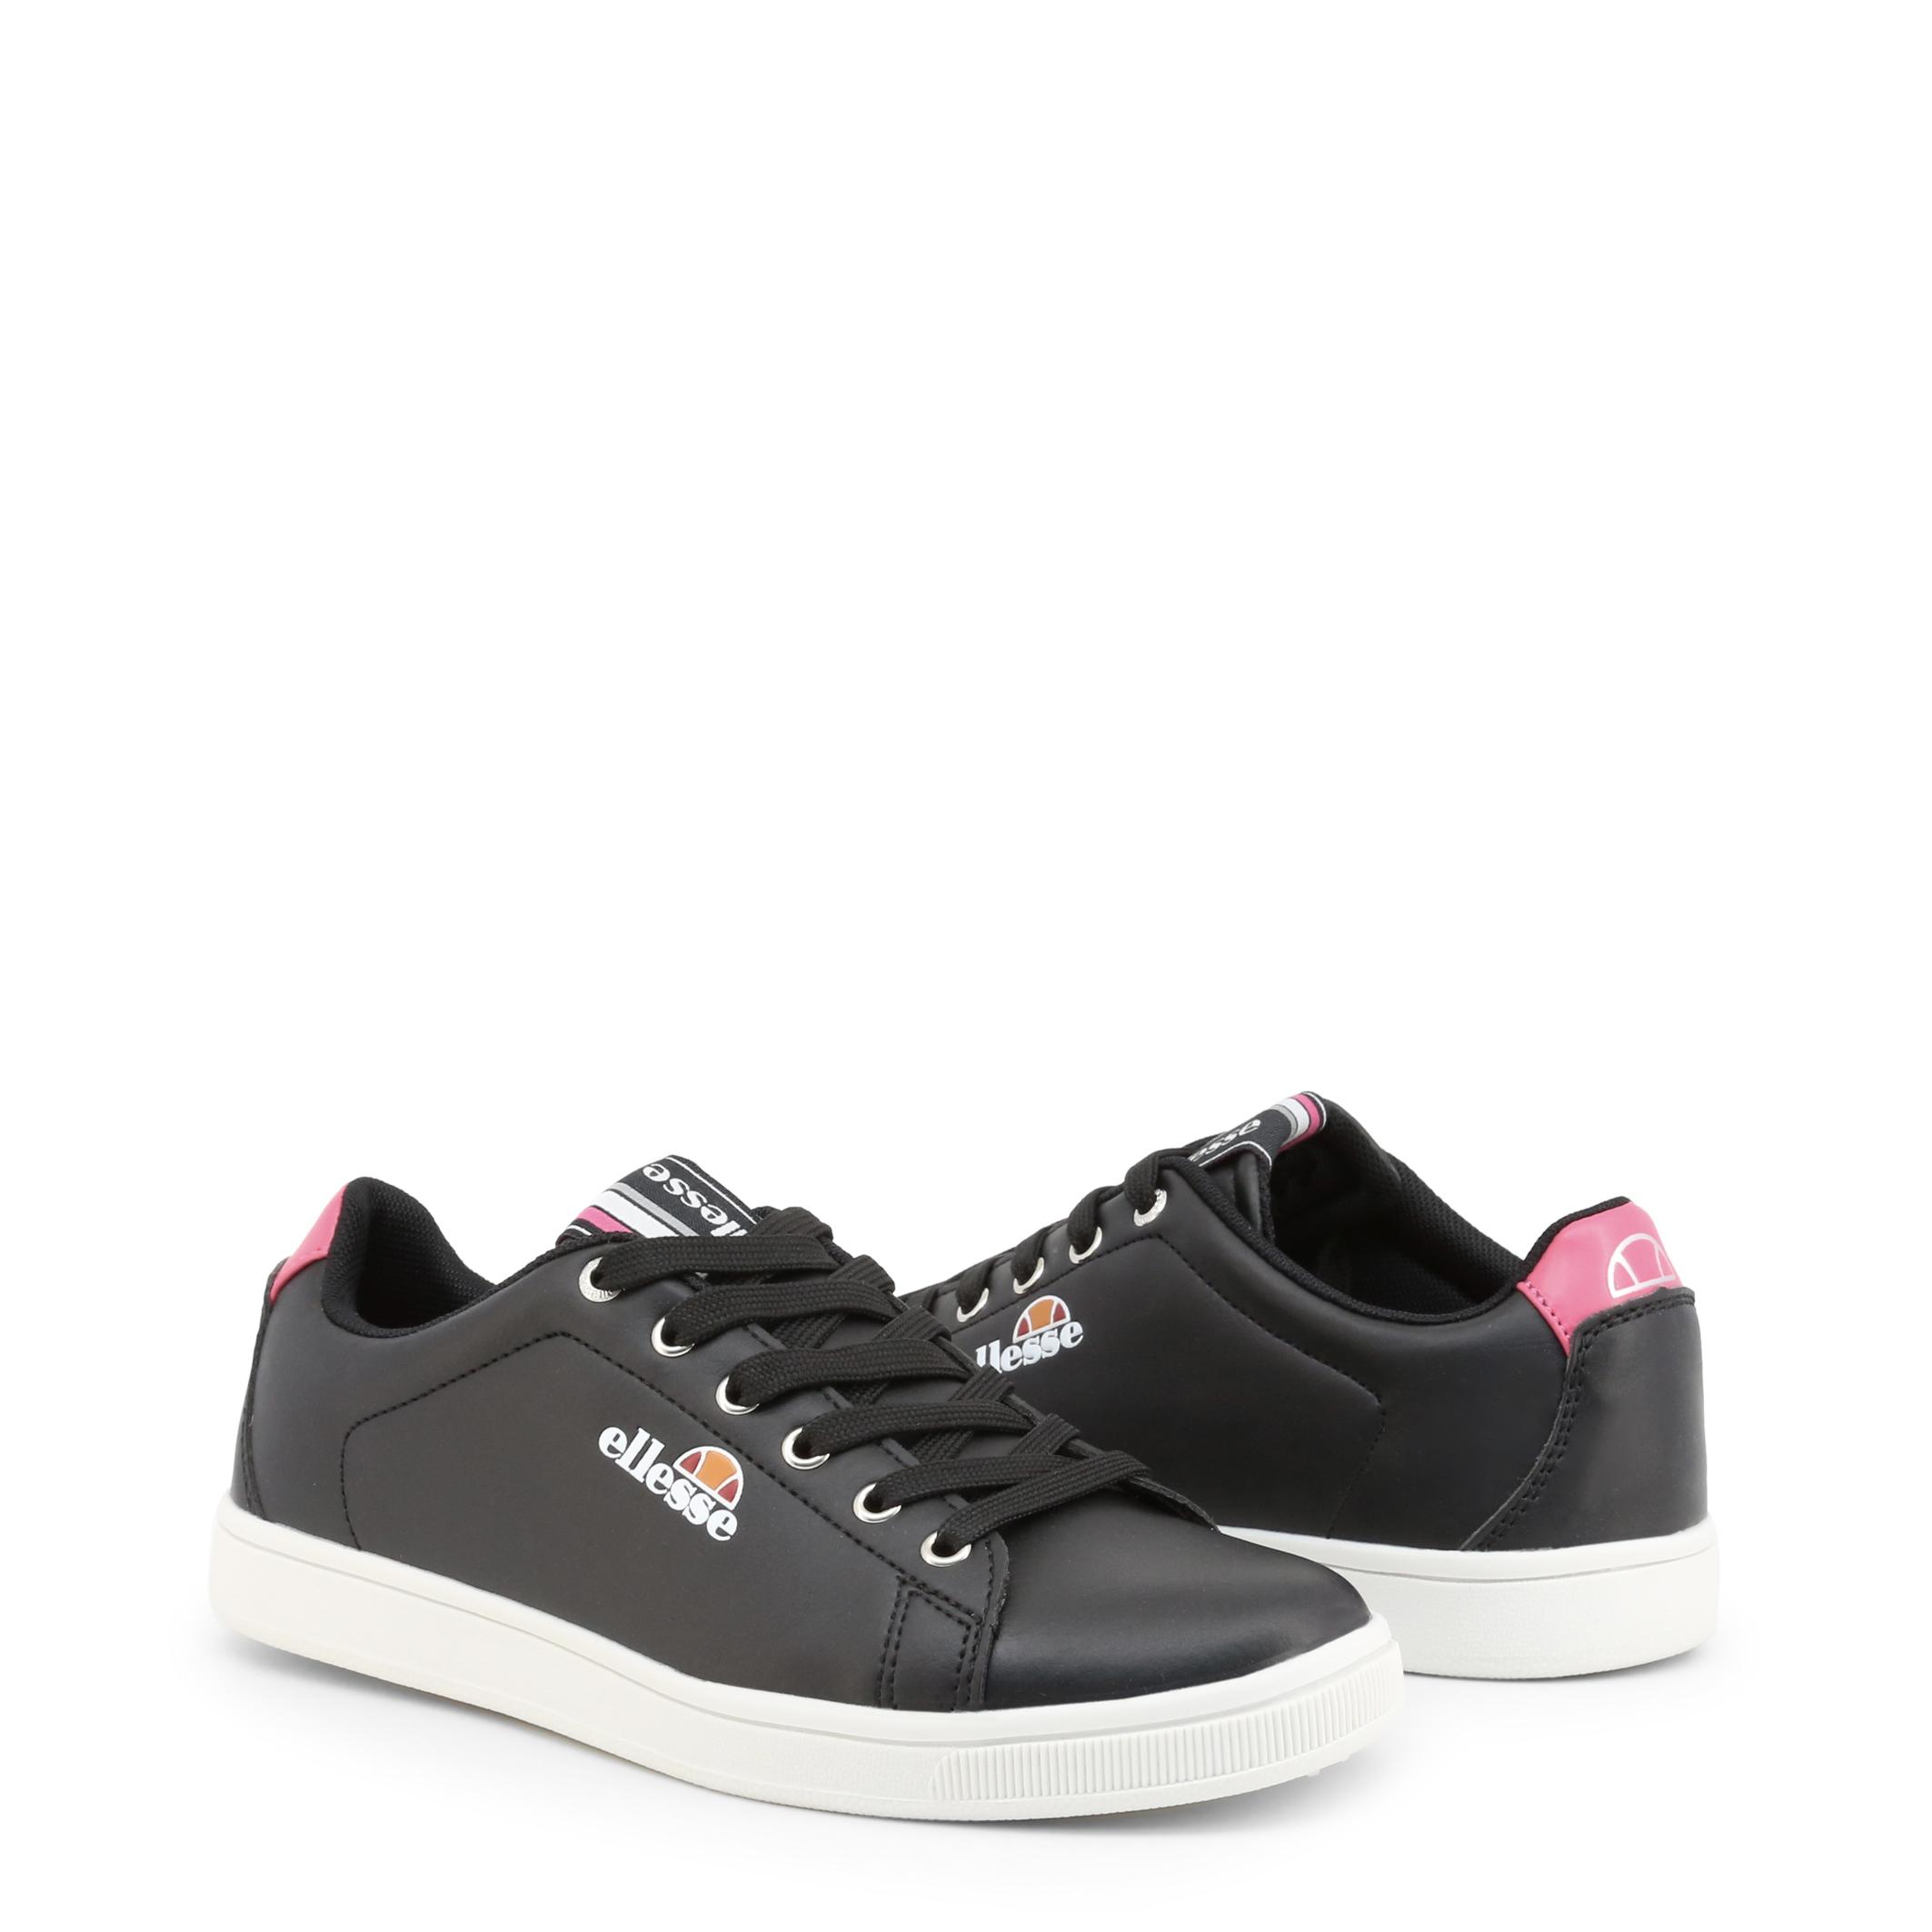 Baskets / Sneakers  Ellesse EL02W80442_01 black